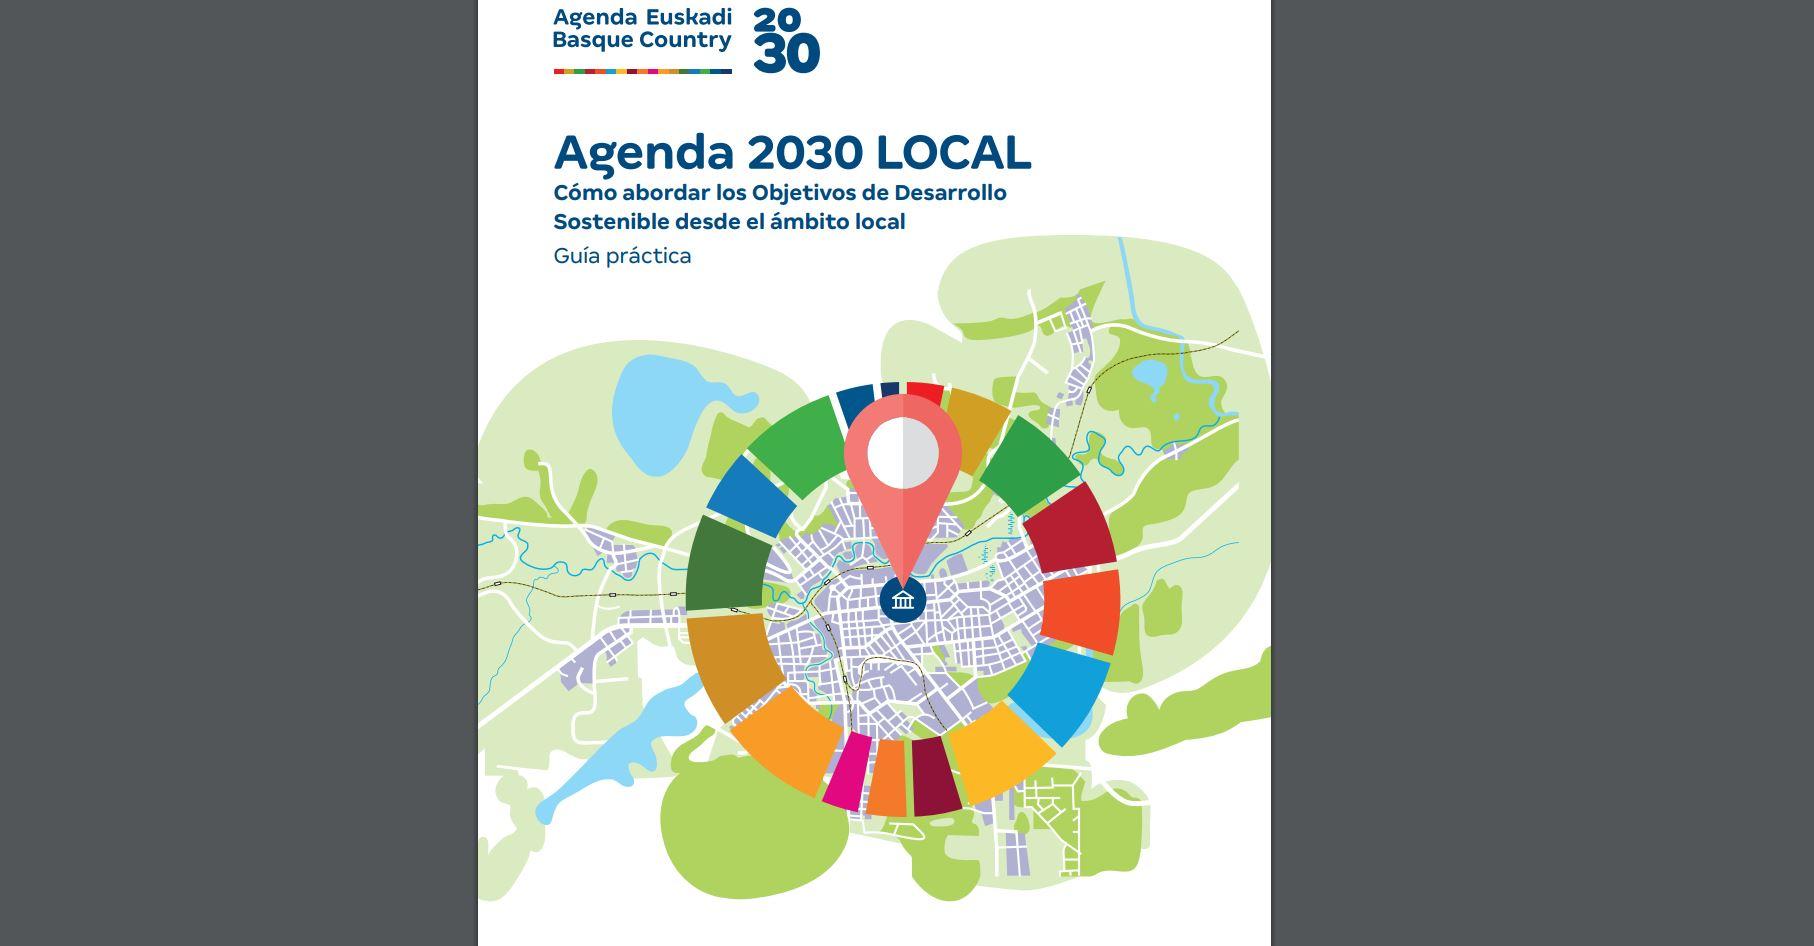 Agenda 2030 Local